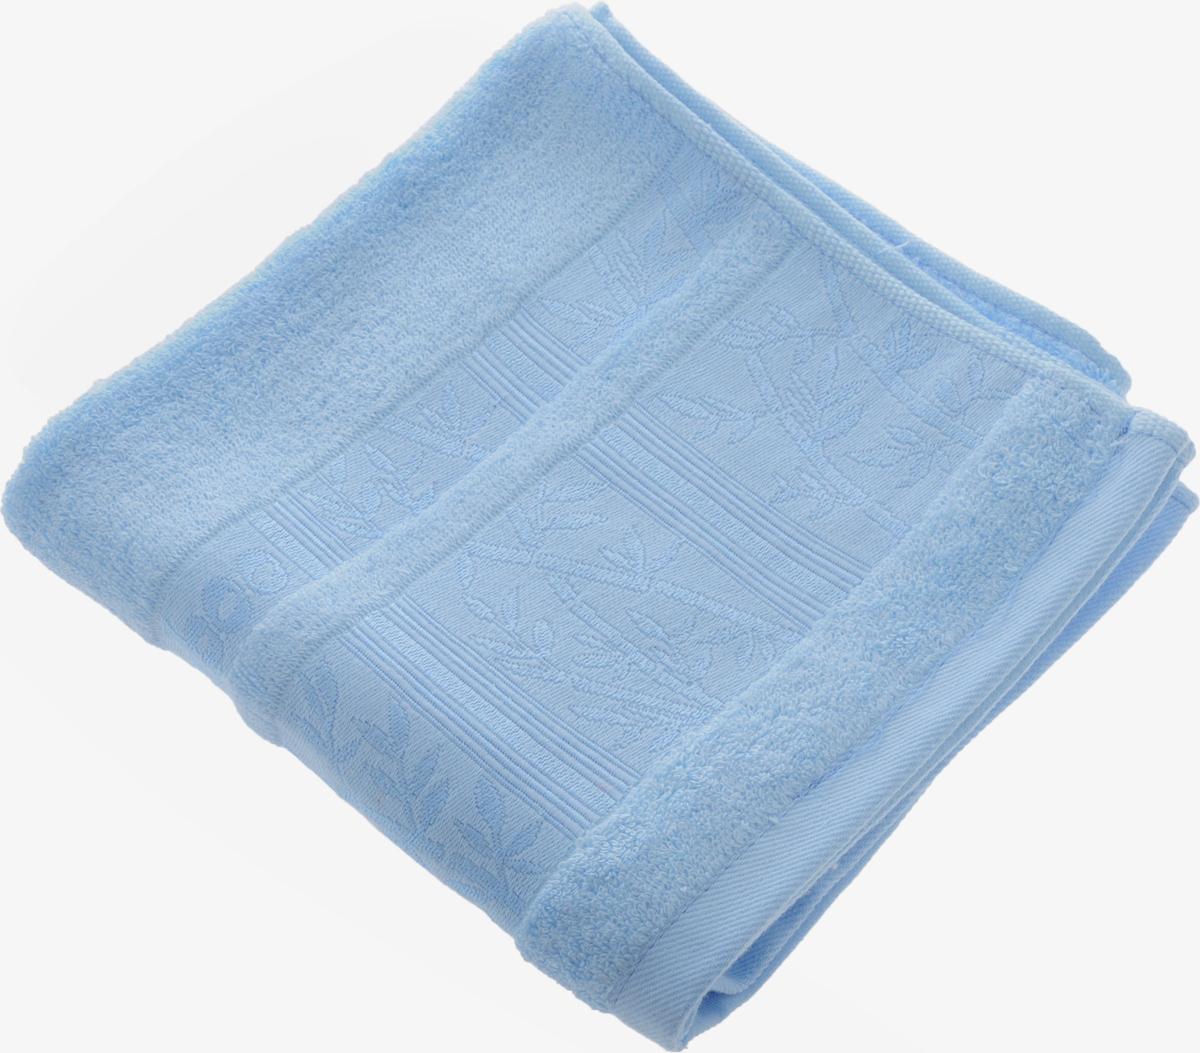 Полотенце Soavita Carol, цвет: голубой, 45 х 90 см64116Полотенце Soavita Carol выполнено из 100% бамбукового волокна. Изделие отлично впитывает влагу, быстро сохнет, сохраняет яркость цвета и не теряет форму даже после многократных стирок. Полотенце очень практично и неприхотливо в уходе. Оно создаст прекрасное настроение и украсит интерьер в ванной комнате. Рекомендуется стирка при температуре 40°C.